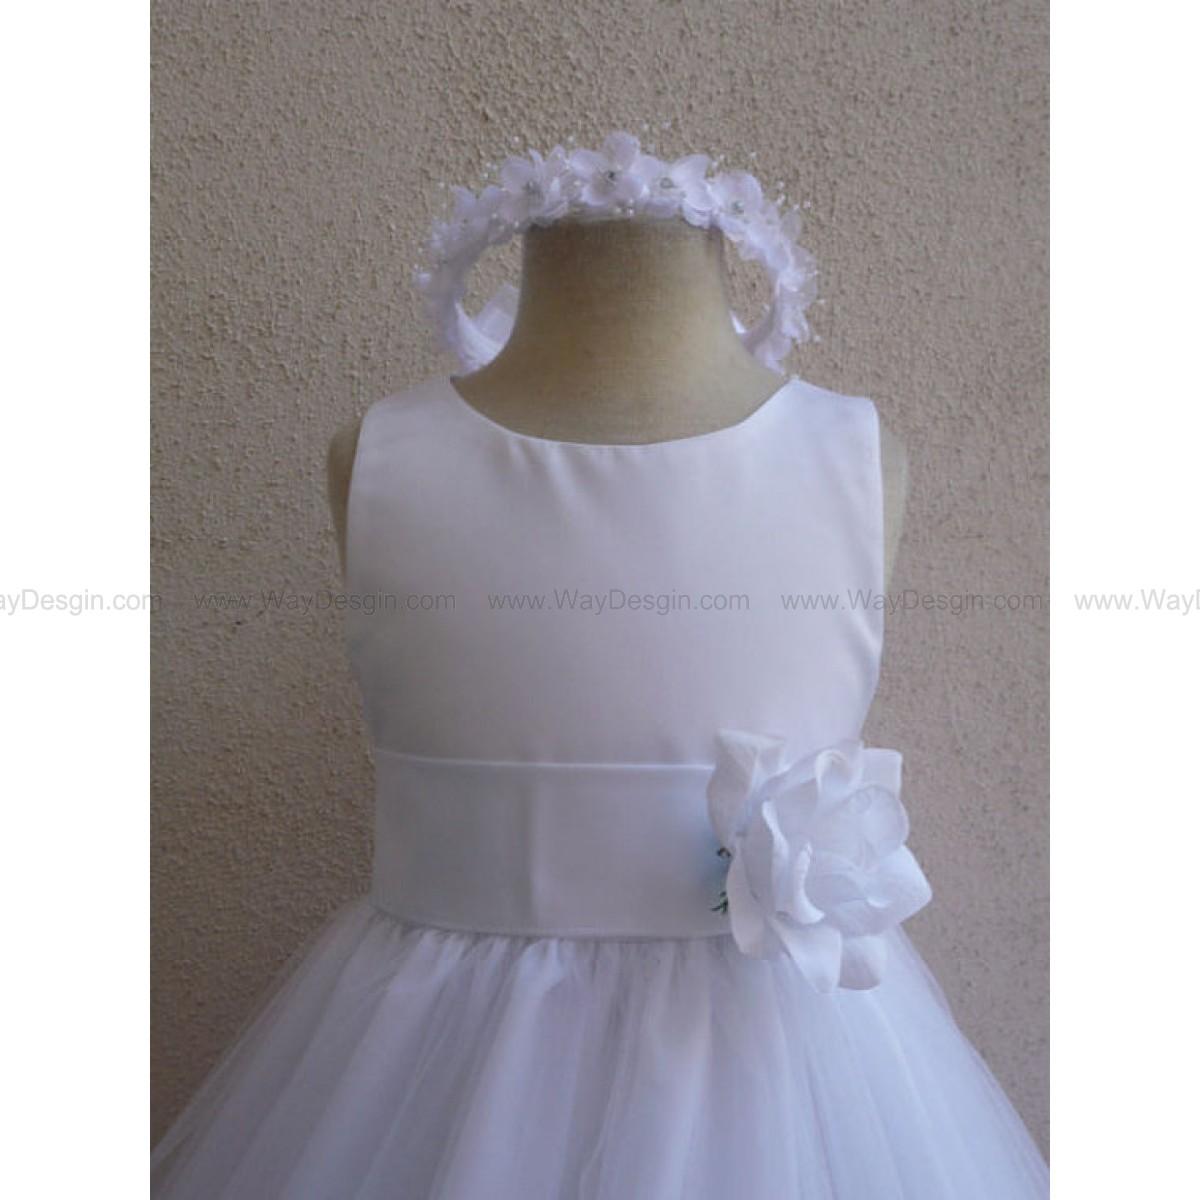 Flower Girl Dress - White Rose Petal Dress with White - Wedding, Easter, Junior Bridesmaid, Formal Girl Dress, Recital